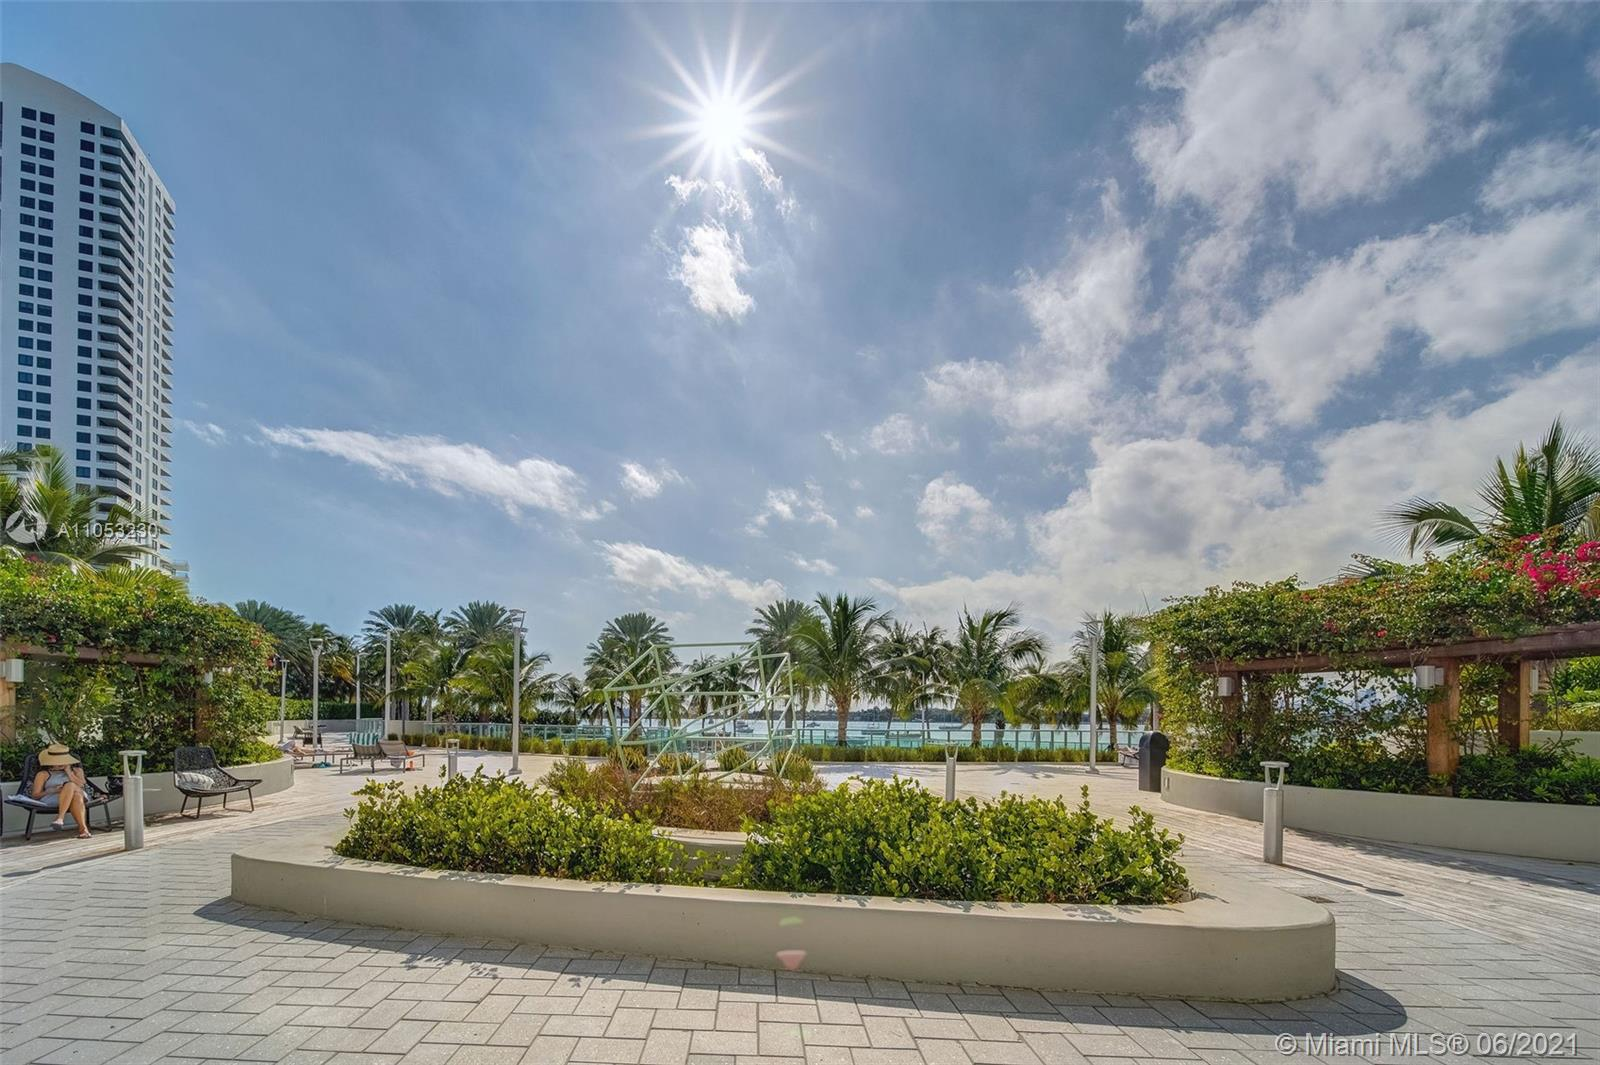 Flamingo South Beach #M-722 - 1500 Bay Rd #M-722, Miami Beach, FL 33139